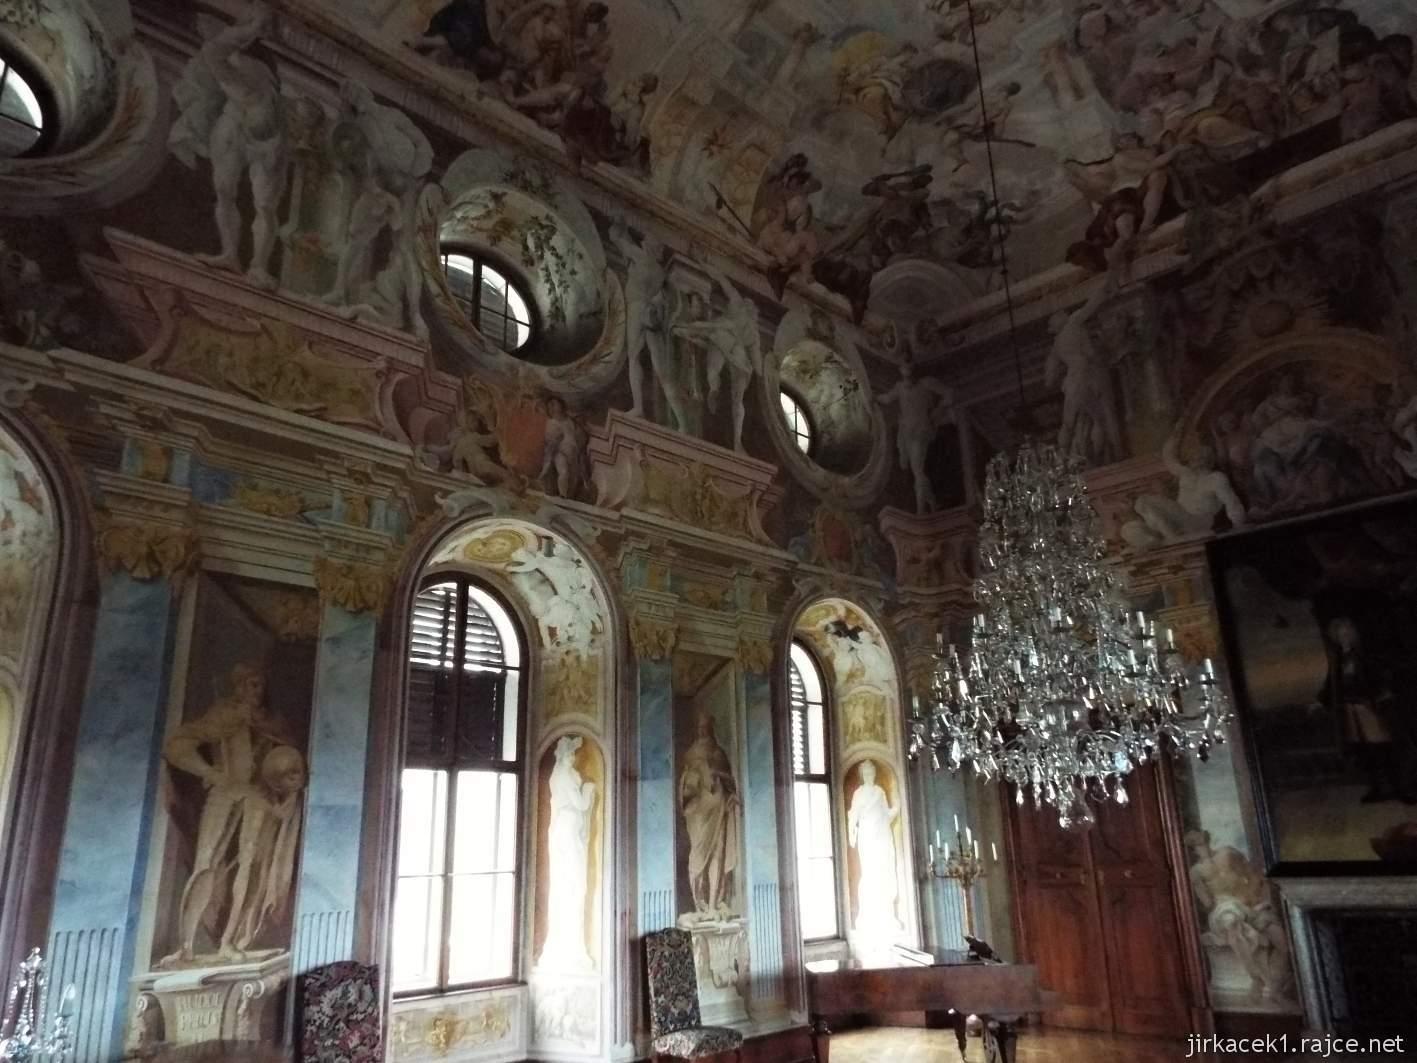 zámek Milotice 38 - interiéry - hlavní sál předků